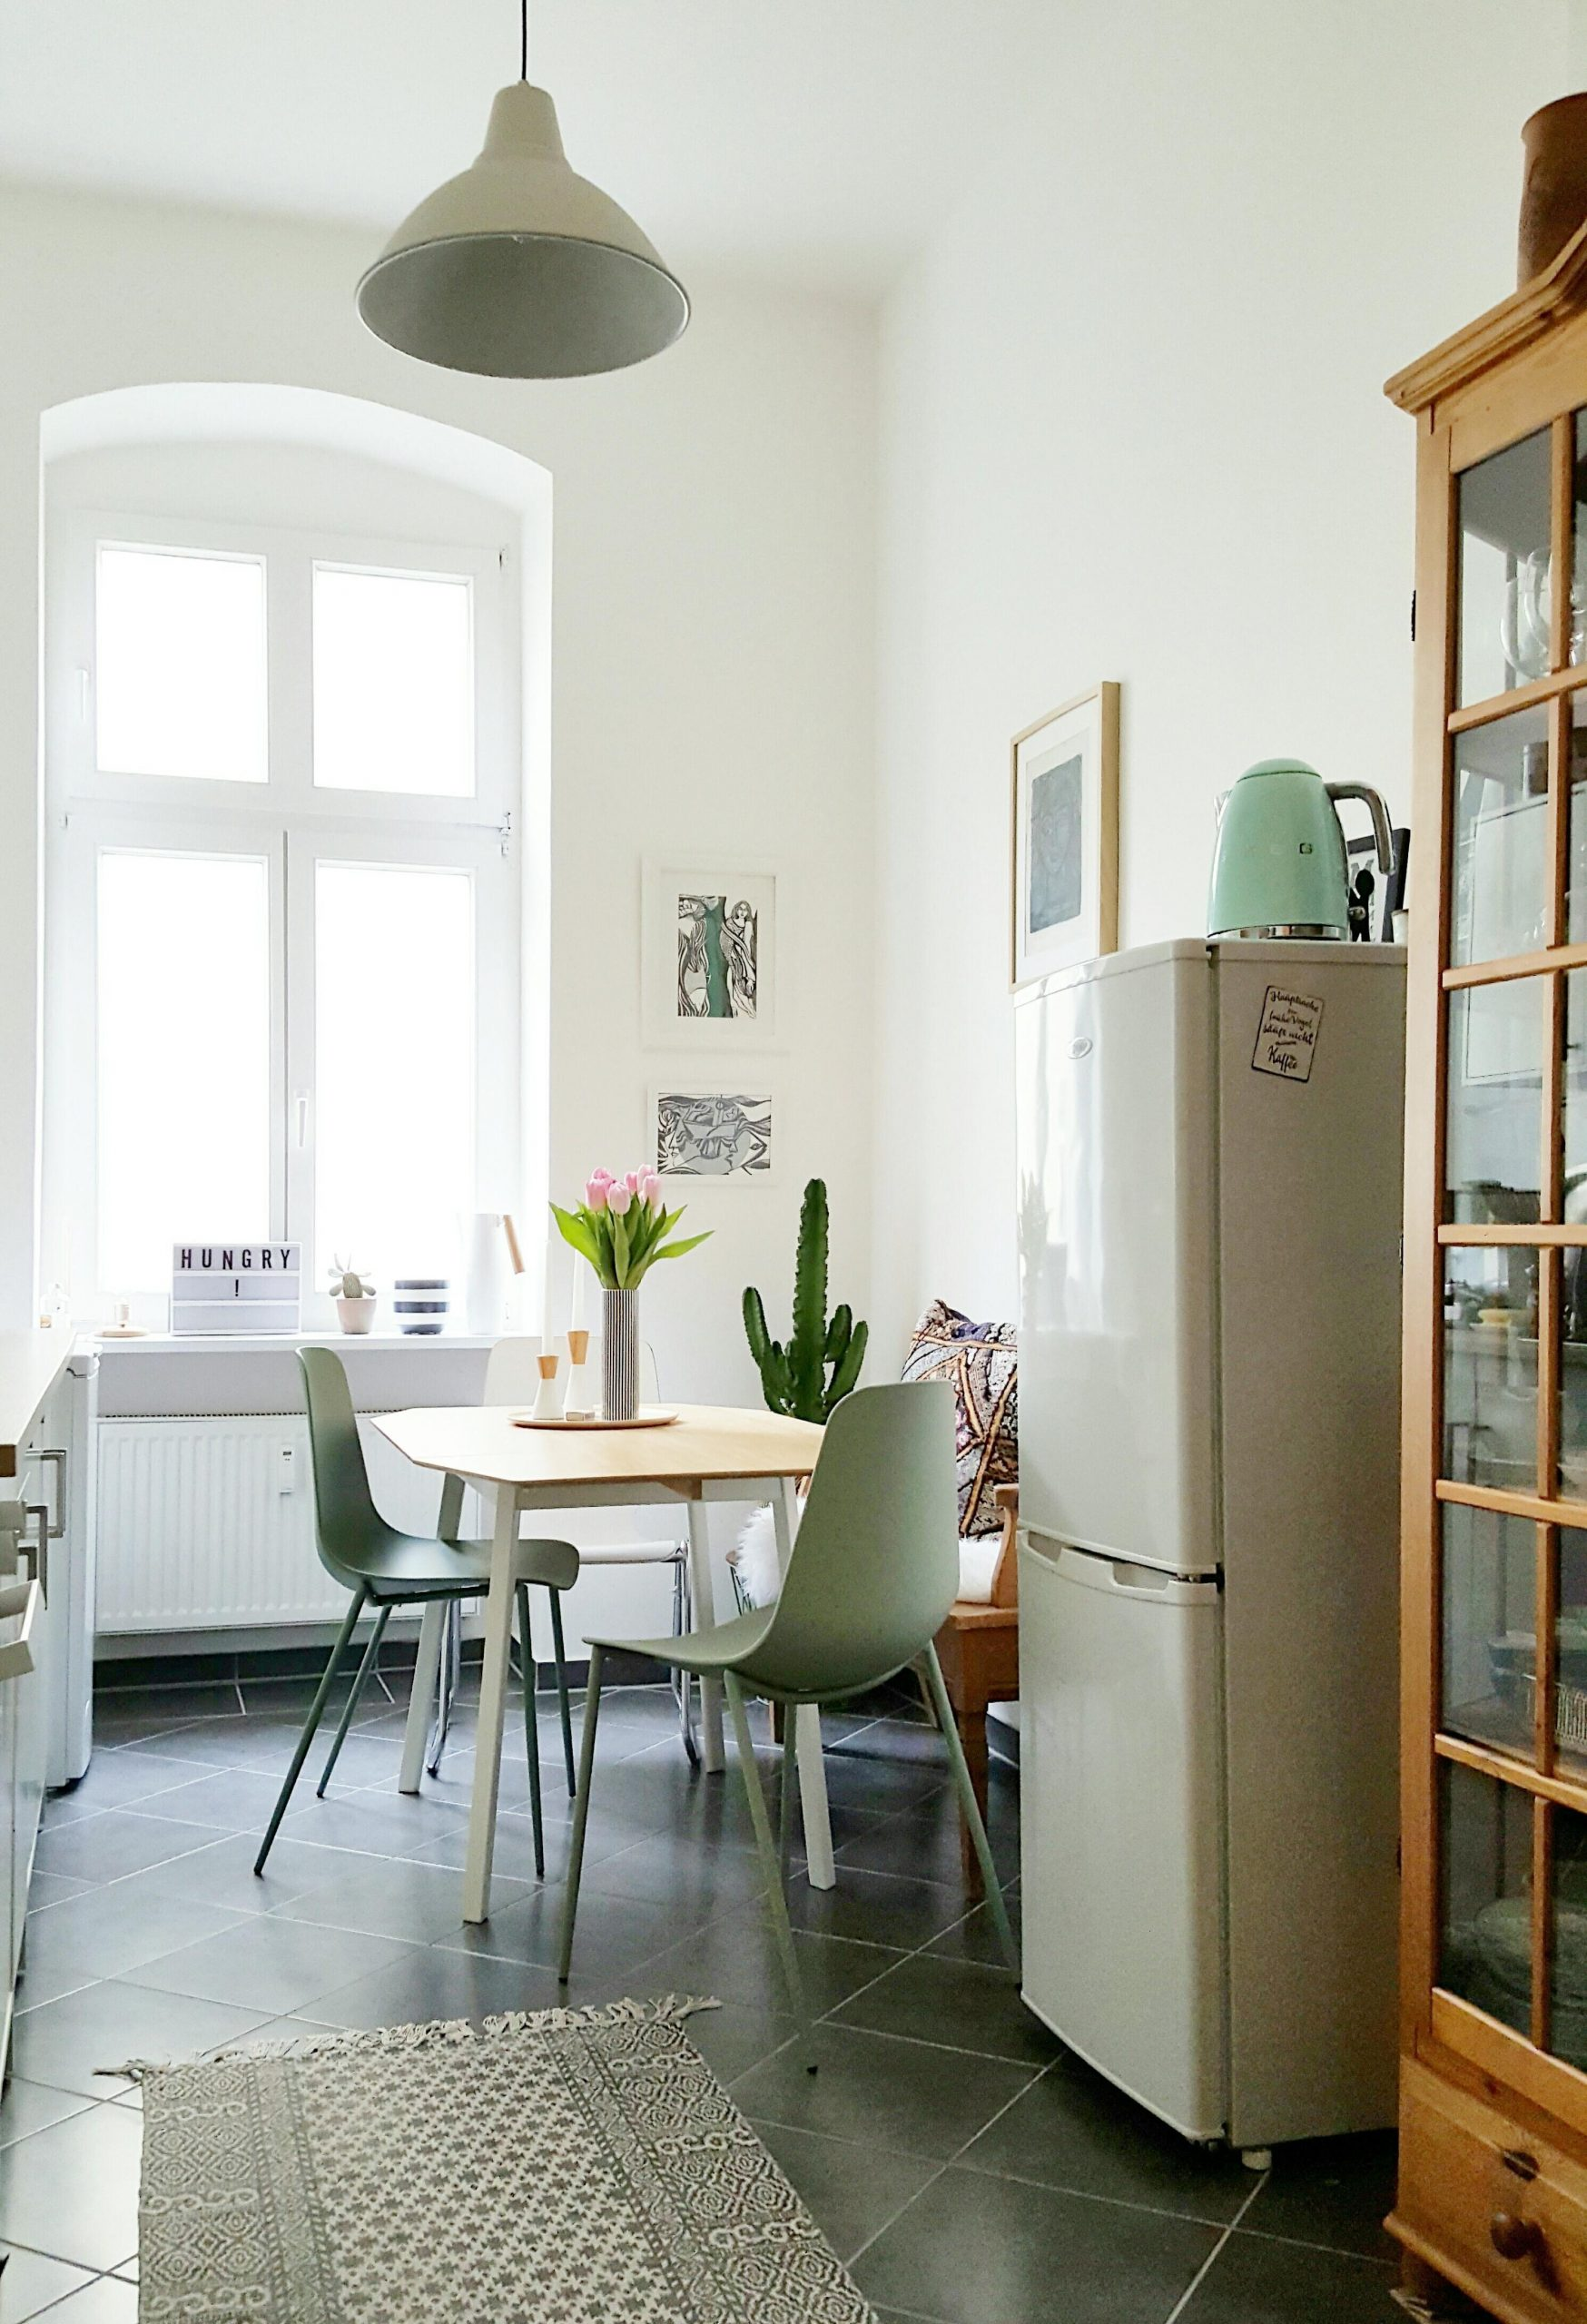 Full Size of Esstisch Küche Klein Essplatz In Der Küche Esstisch Stühle Küche Esstisch Lampe Küche Küche Essplatz Küche